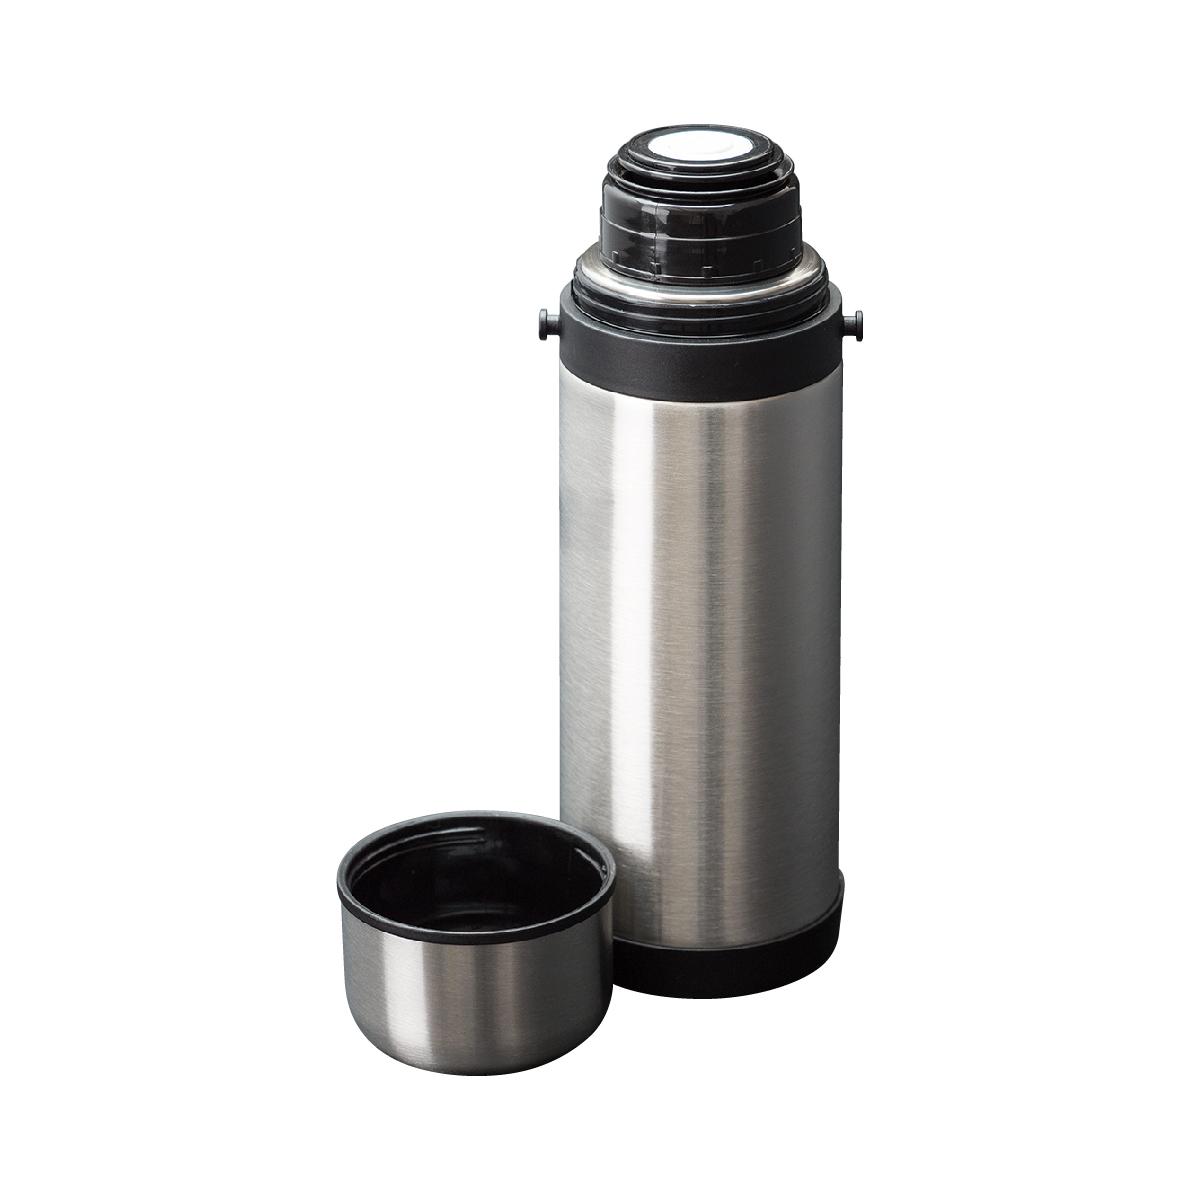 ダブルステンレスボトル 1.0L image03